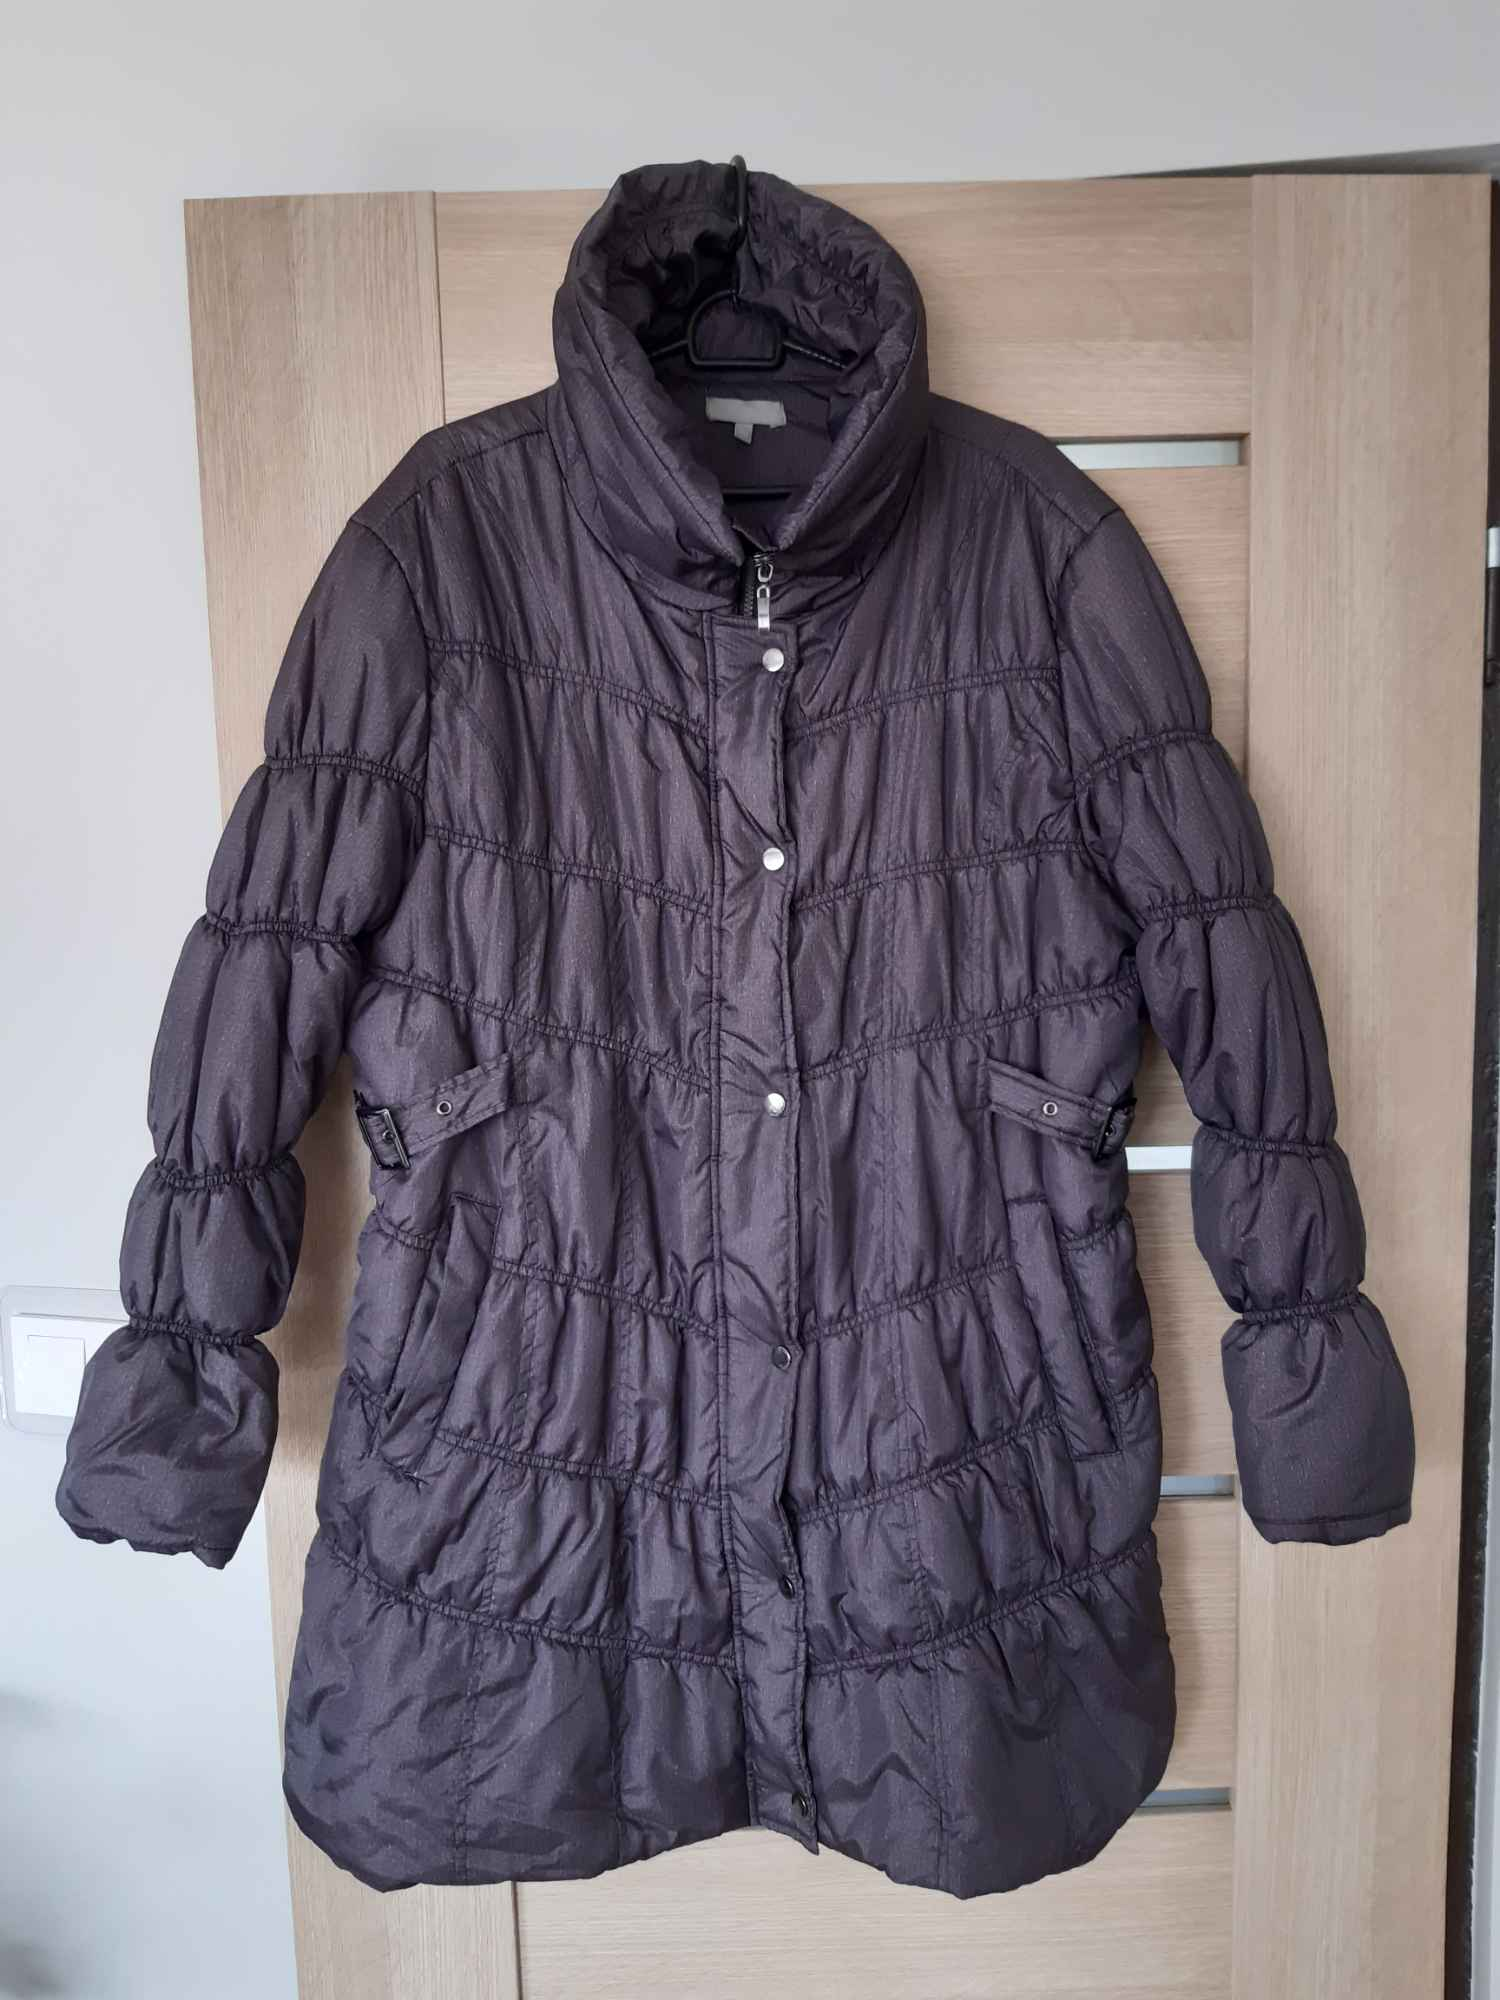 Sprzedam kurtkę zimową damską roz. 52 Skierniewice - zdjęcie 1